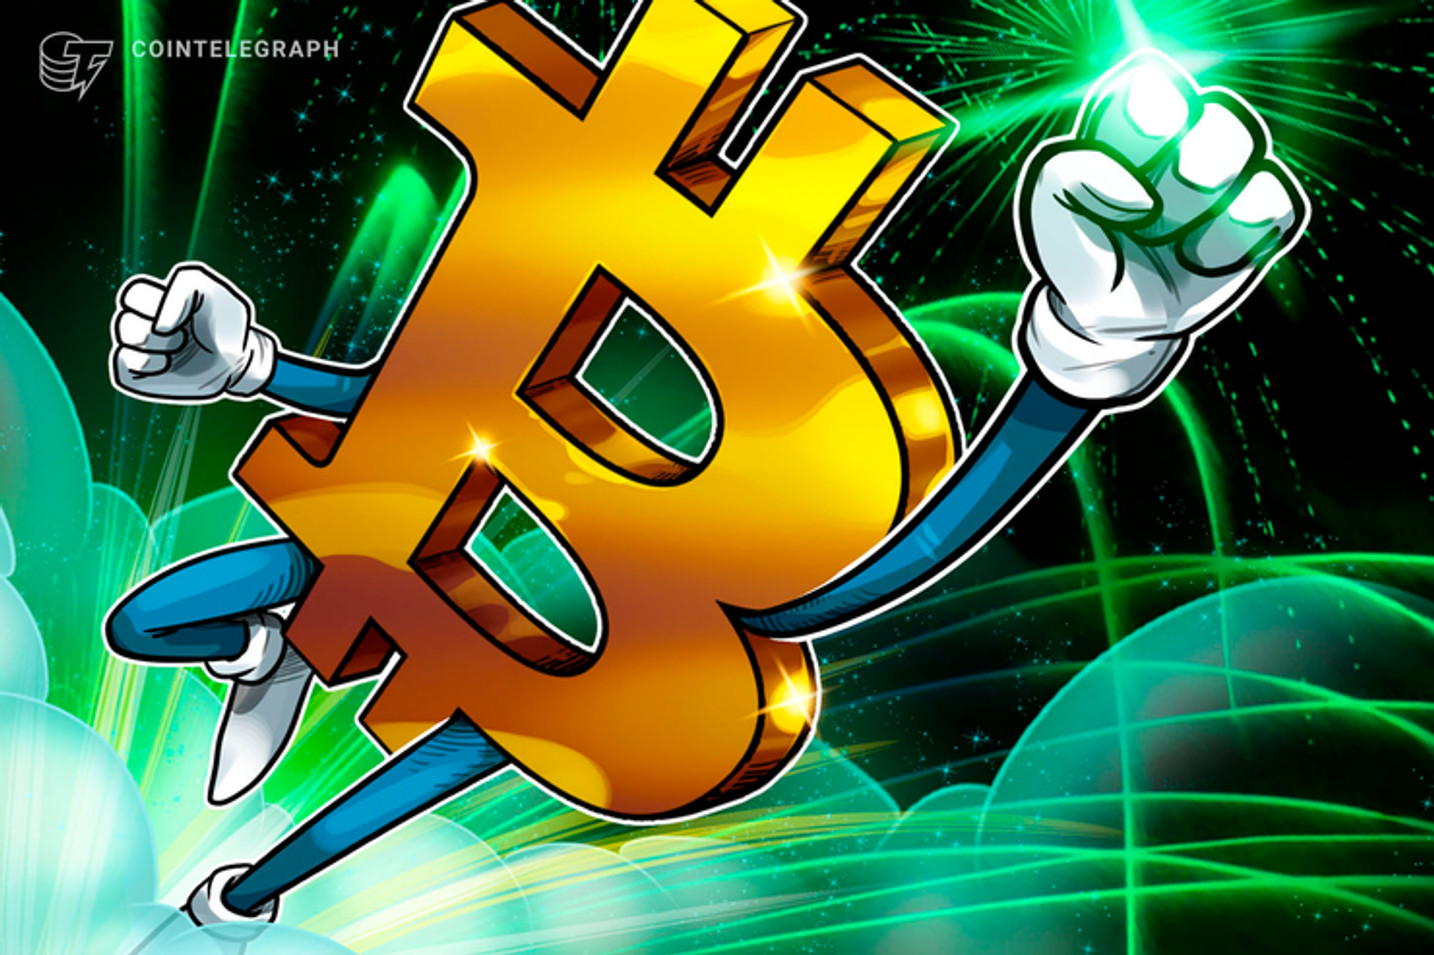 Relatório aponta tendência de alta para o Bitcoin confirmada pelos contratos futuros de BTC